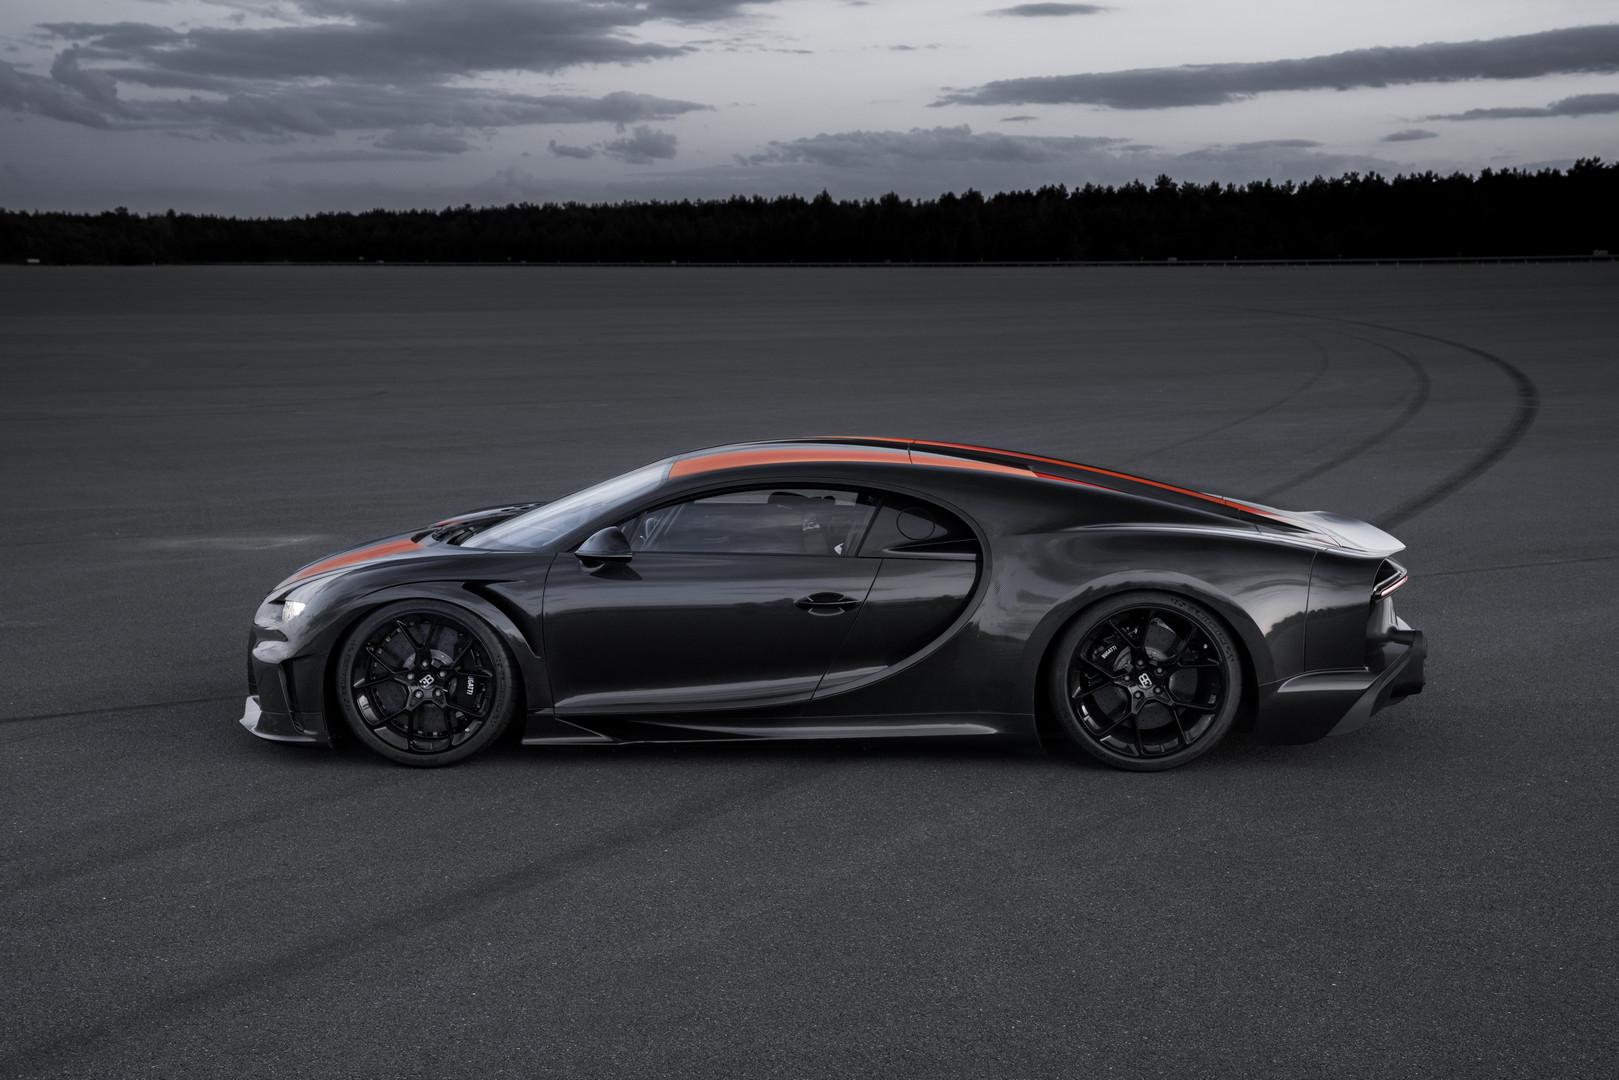 Близкая к производству версия Bugatti Chiron сегодня утром представила заявку как самый быстрый серийный автомобиль в мире.